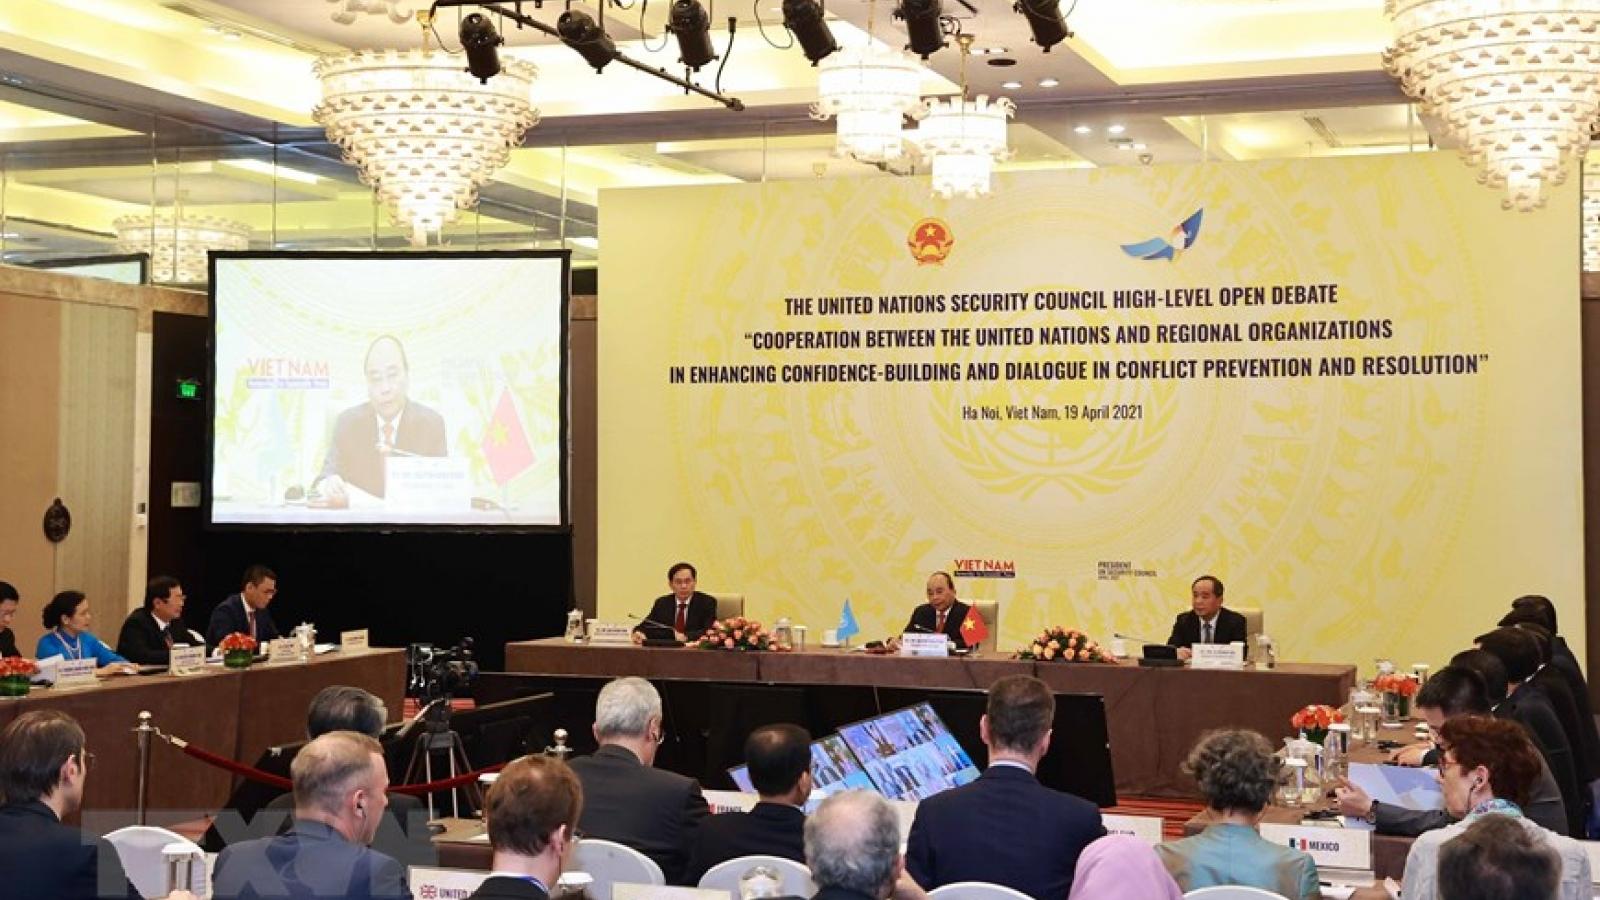 """""""Chỉ có hợp tác, đối thoại mới có thể kiến tạo hòa bình, ổn định và thịnh vượng"""""""